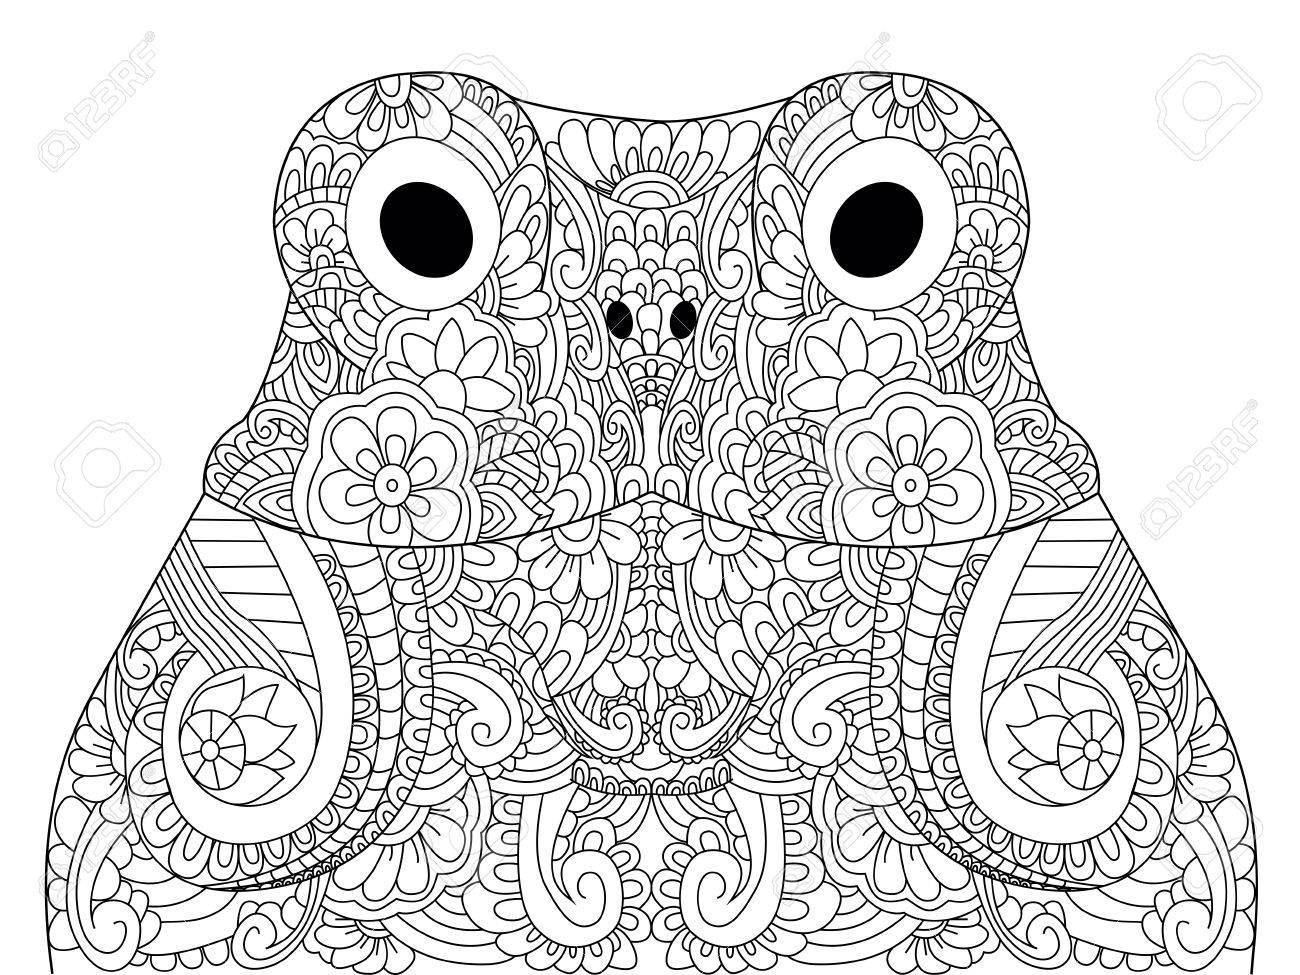 Großzügig Froggy Malvorlagen Galerie - Ideen fortsetzen ...